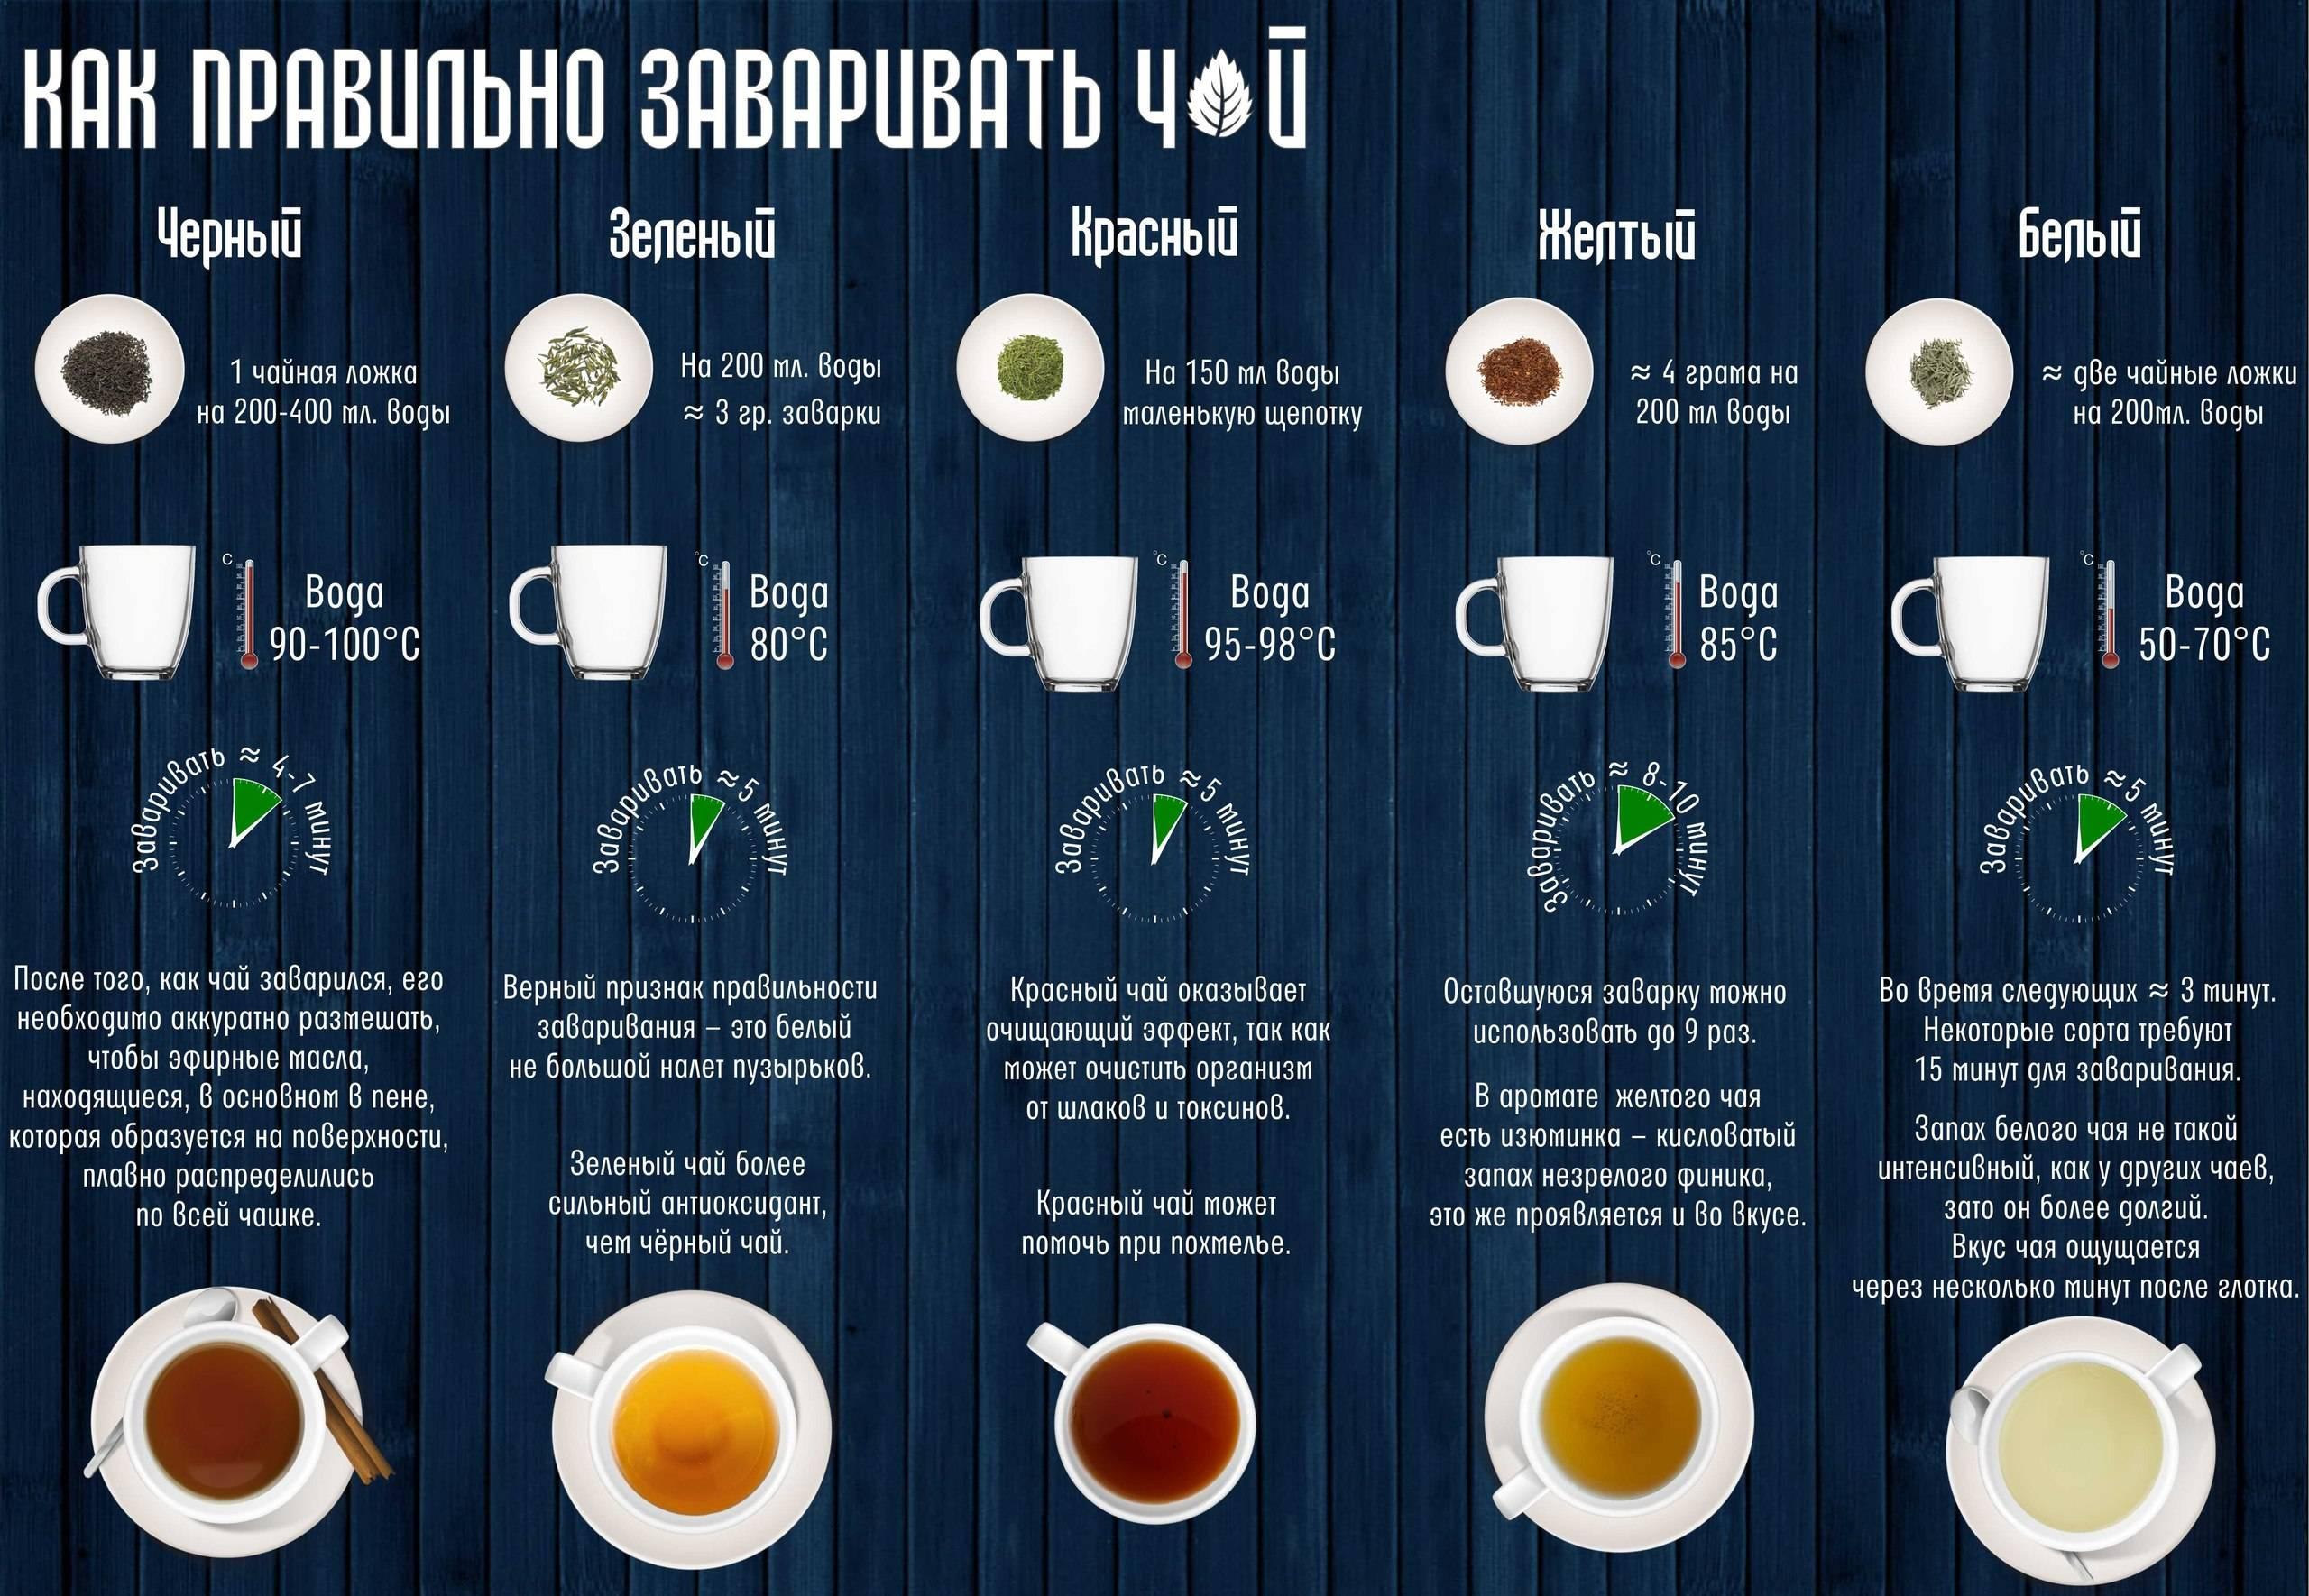 Как правильно заваривать чай - инструктаж! | волшебная eда.ру